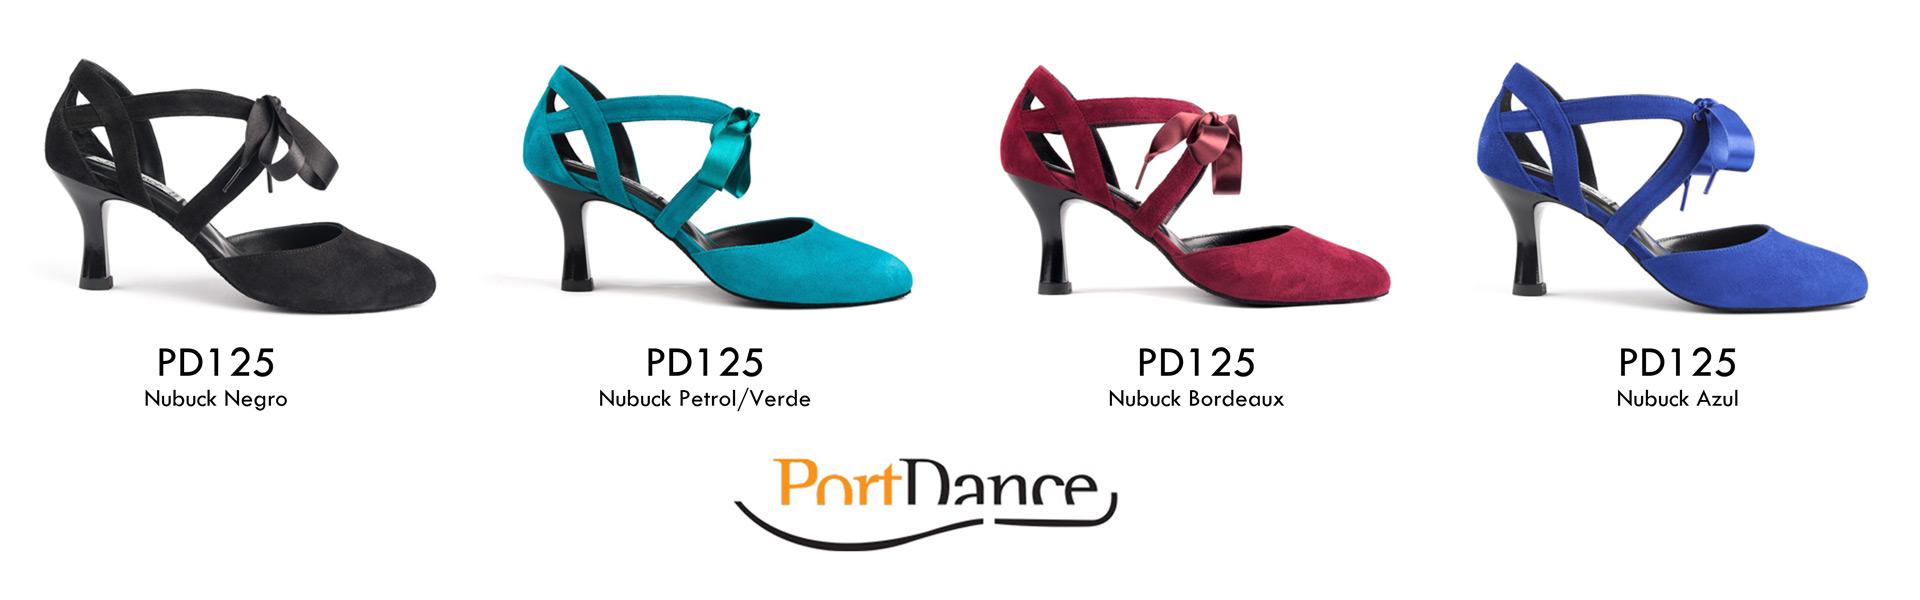 PD125 Portdance Zapatos de Baile